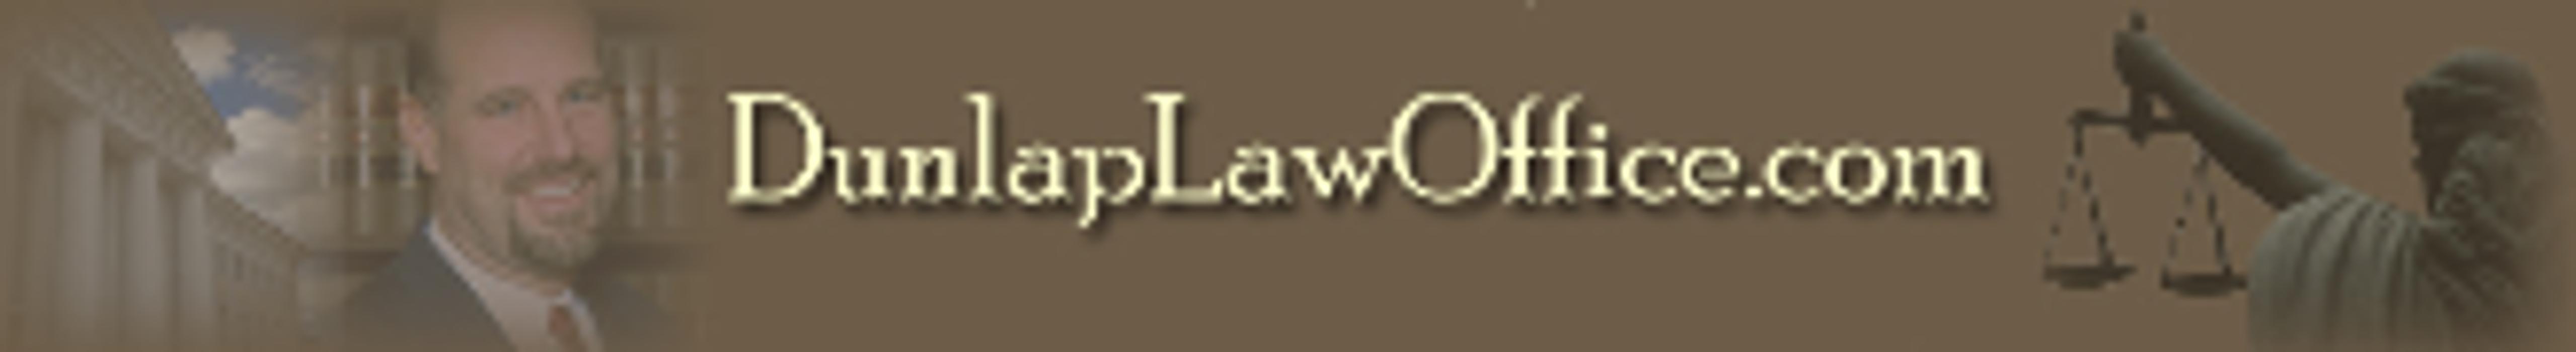 Rod A Dunlap & Associates, PLC - Farmington, MI